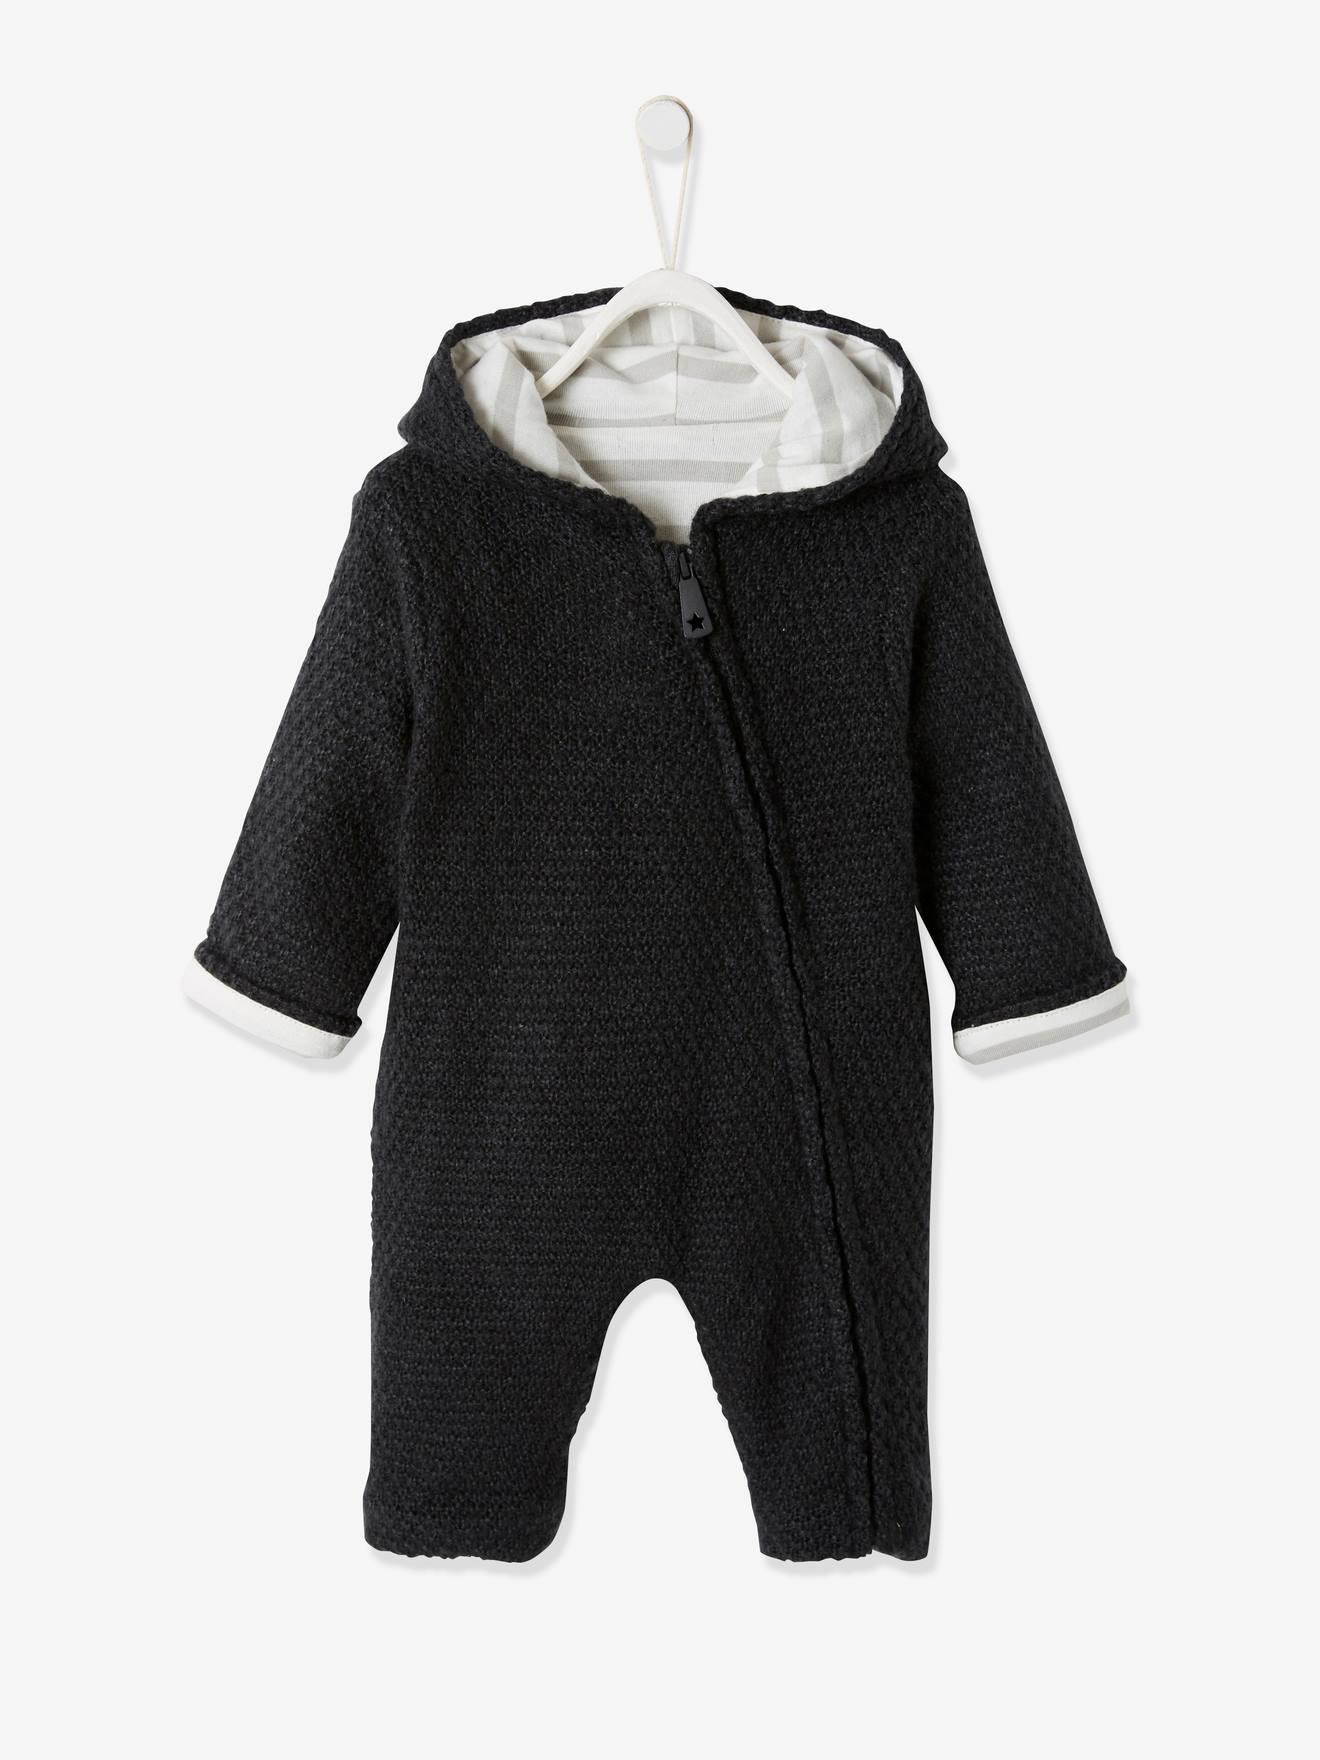 Combinaison en tricot bébé naissance doublée - ivoire rayé